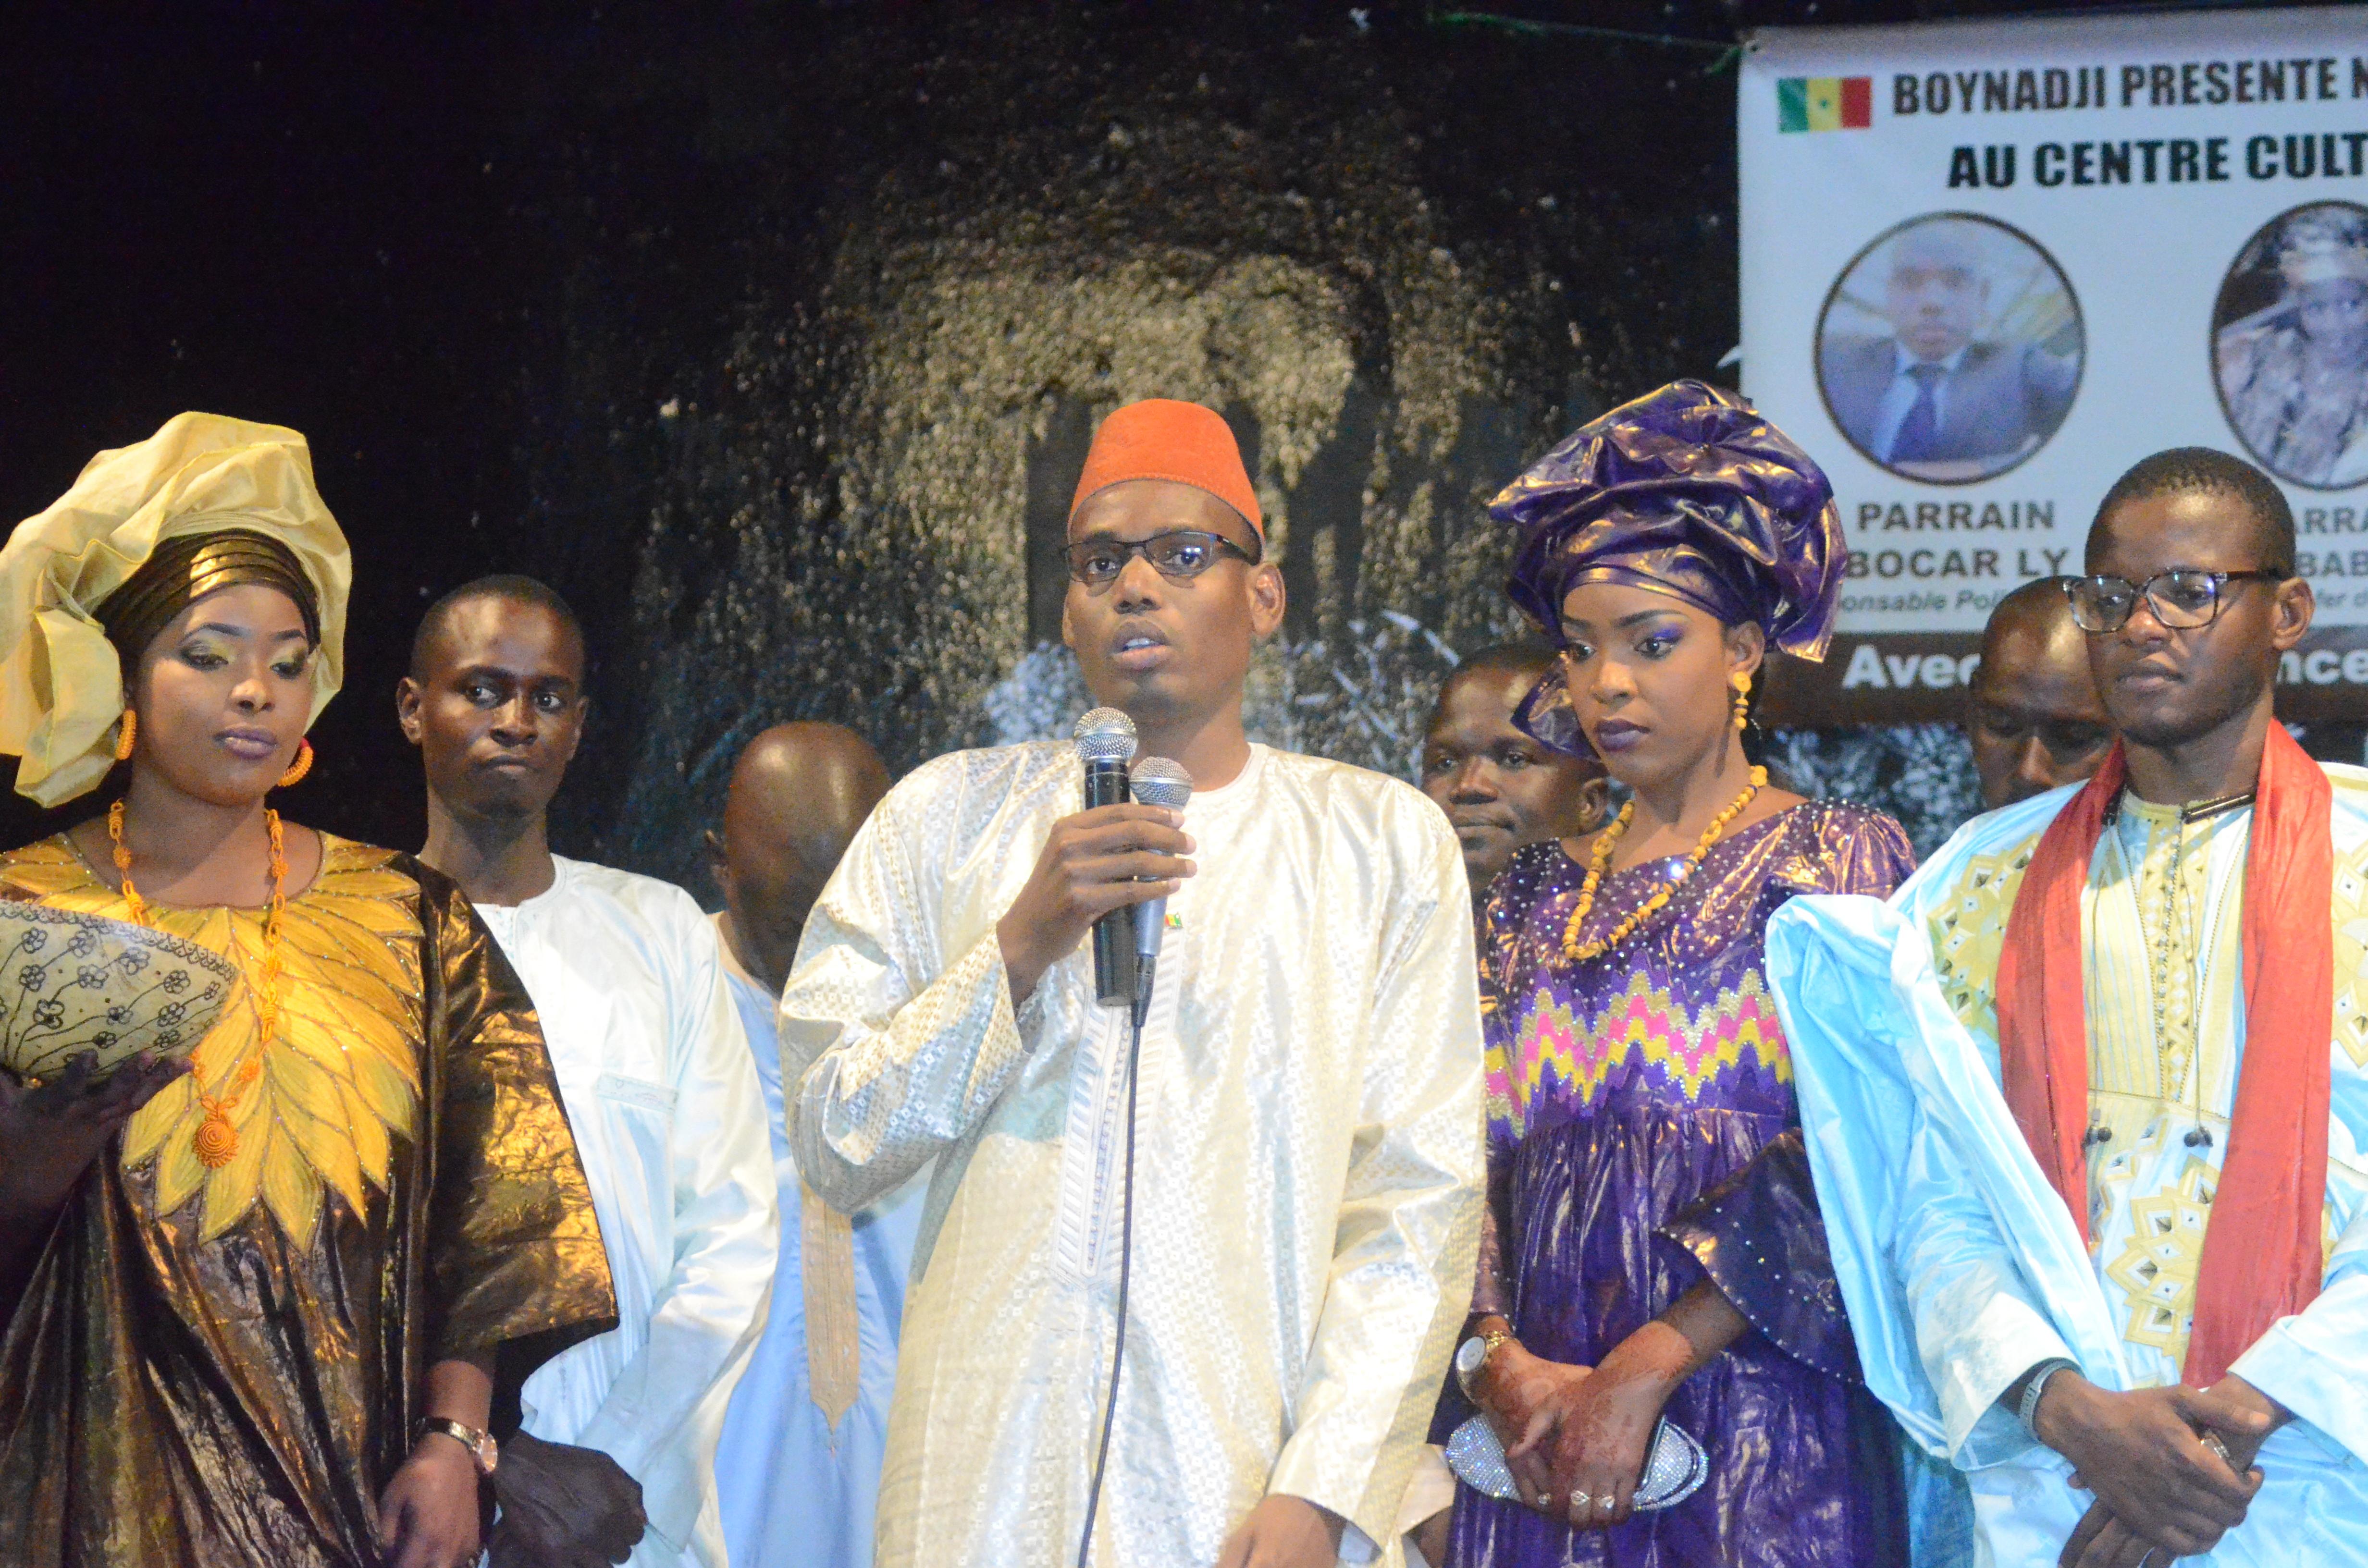 Première Edition soirée culturelle de l'Association Boyinadji Ma fierté de Bokidiawé, le parrain Bocar Abdoulaye Ly appelle à l'union des cœurs (44)